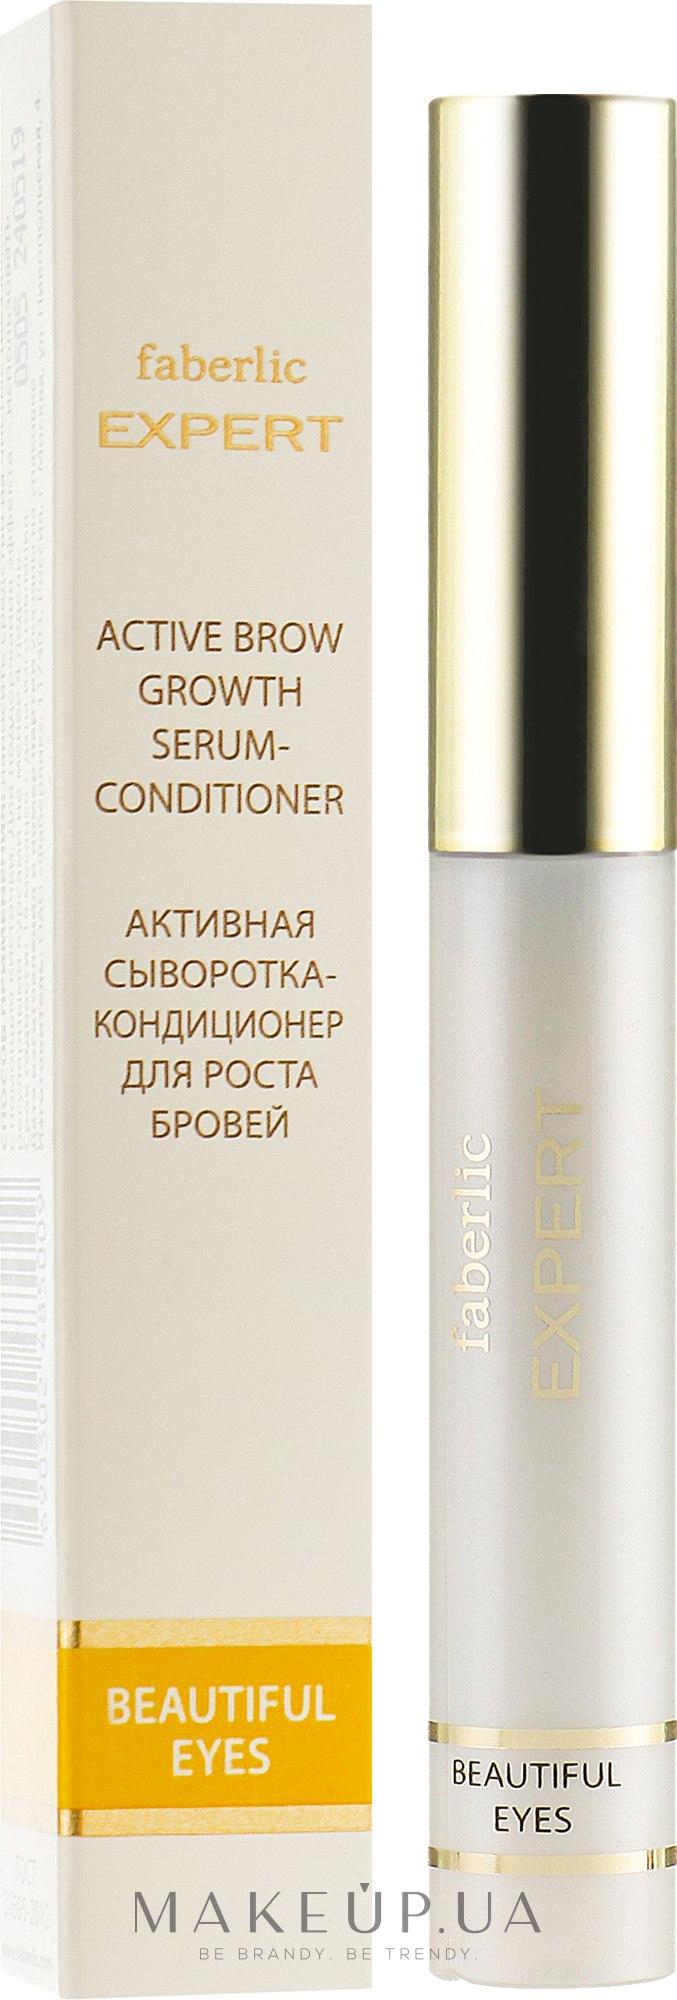 Активная сыворотка-кондиционер для роста бровей - Faberlic Expert — фото 7.5ml